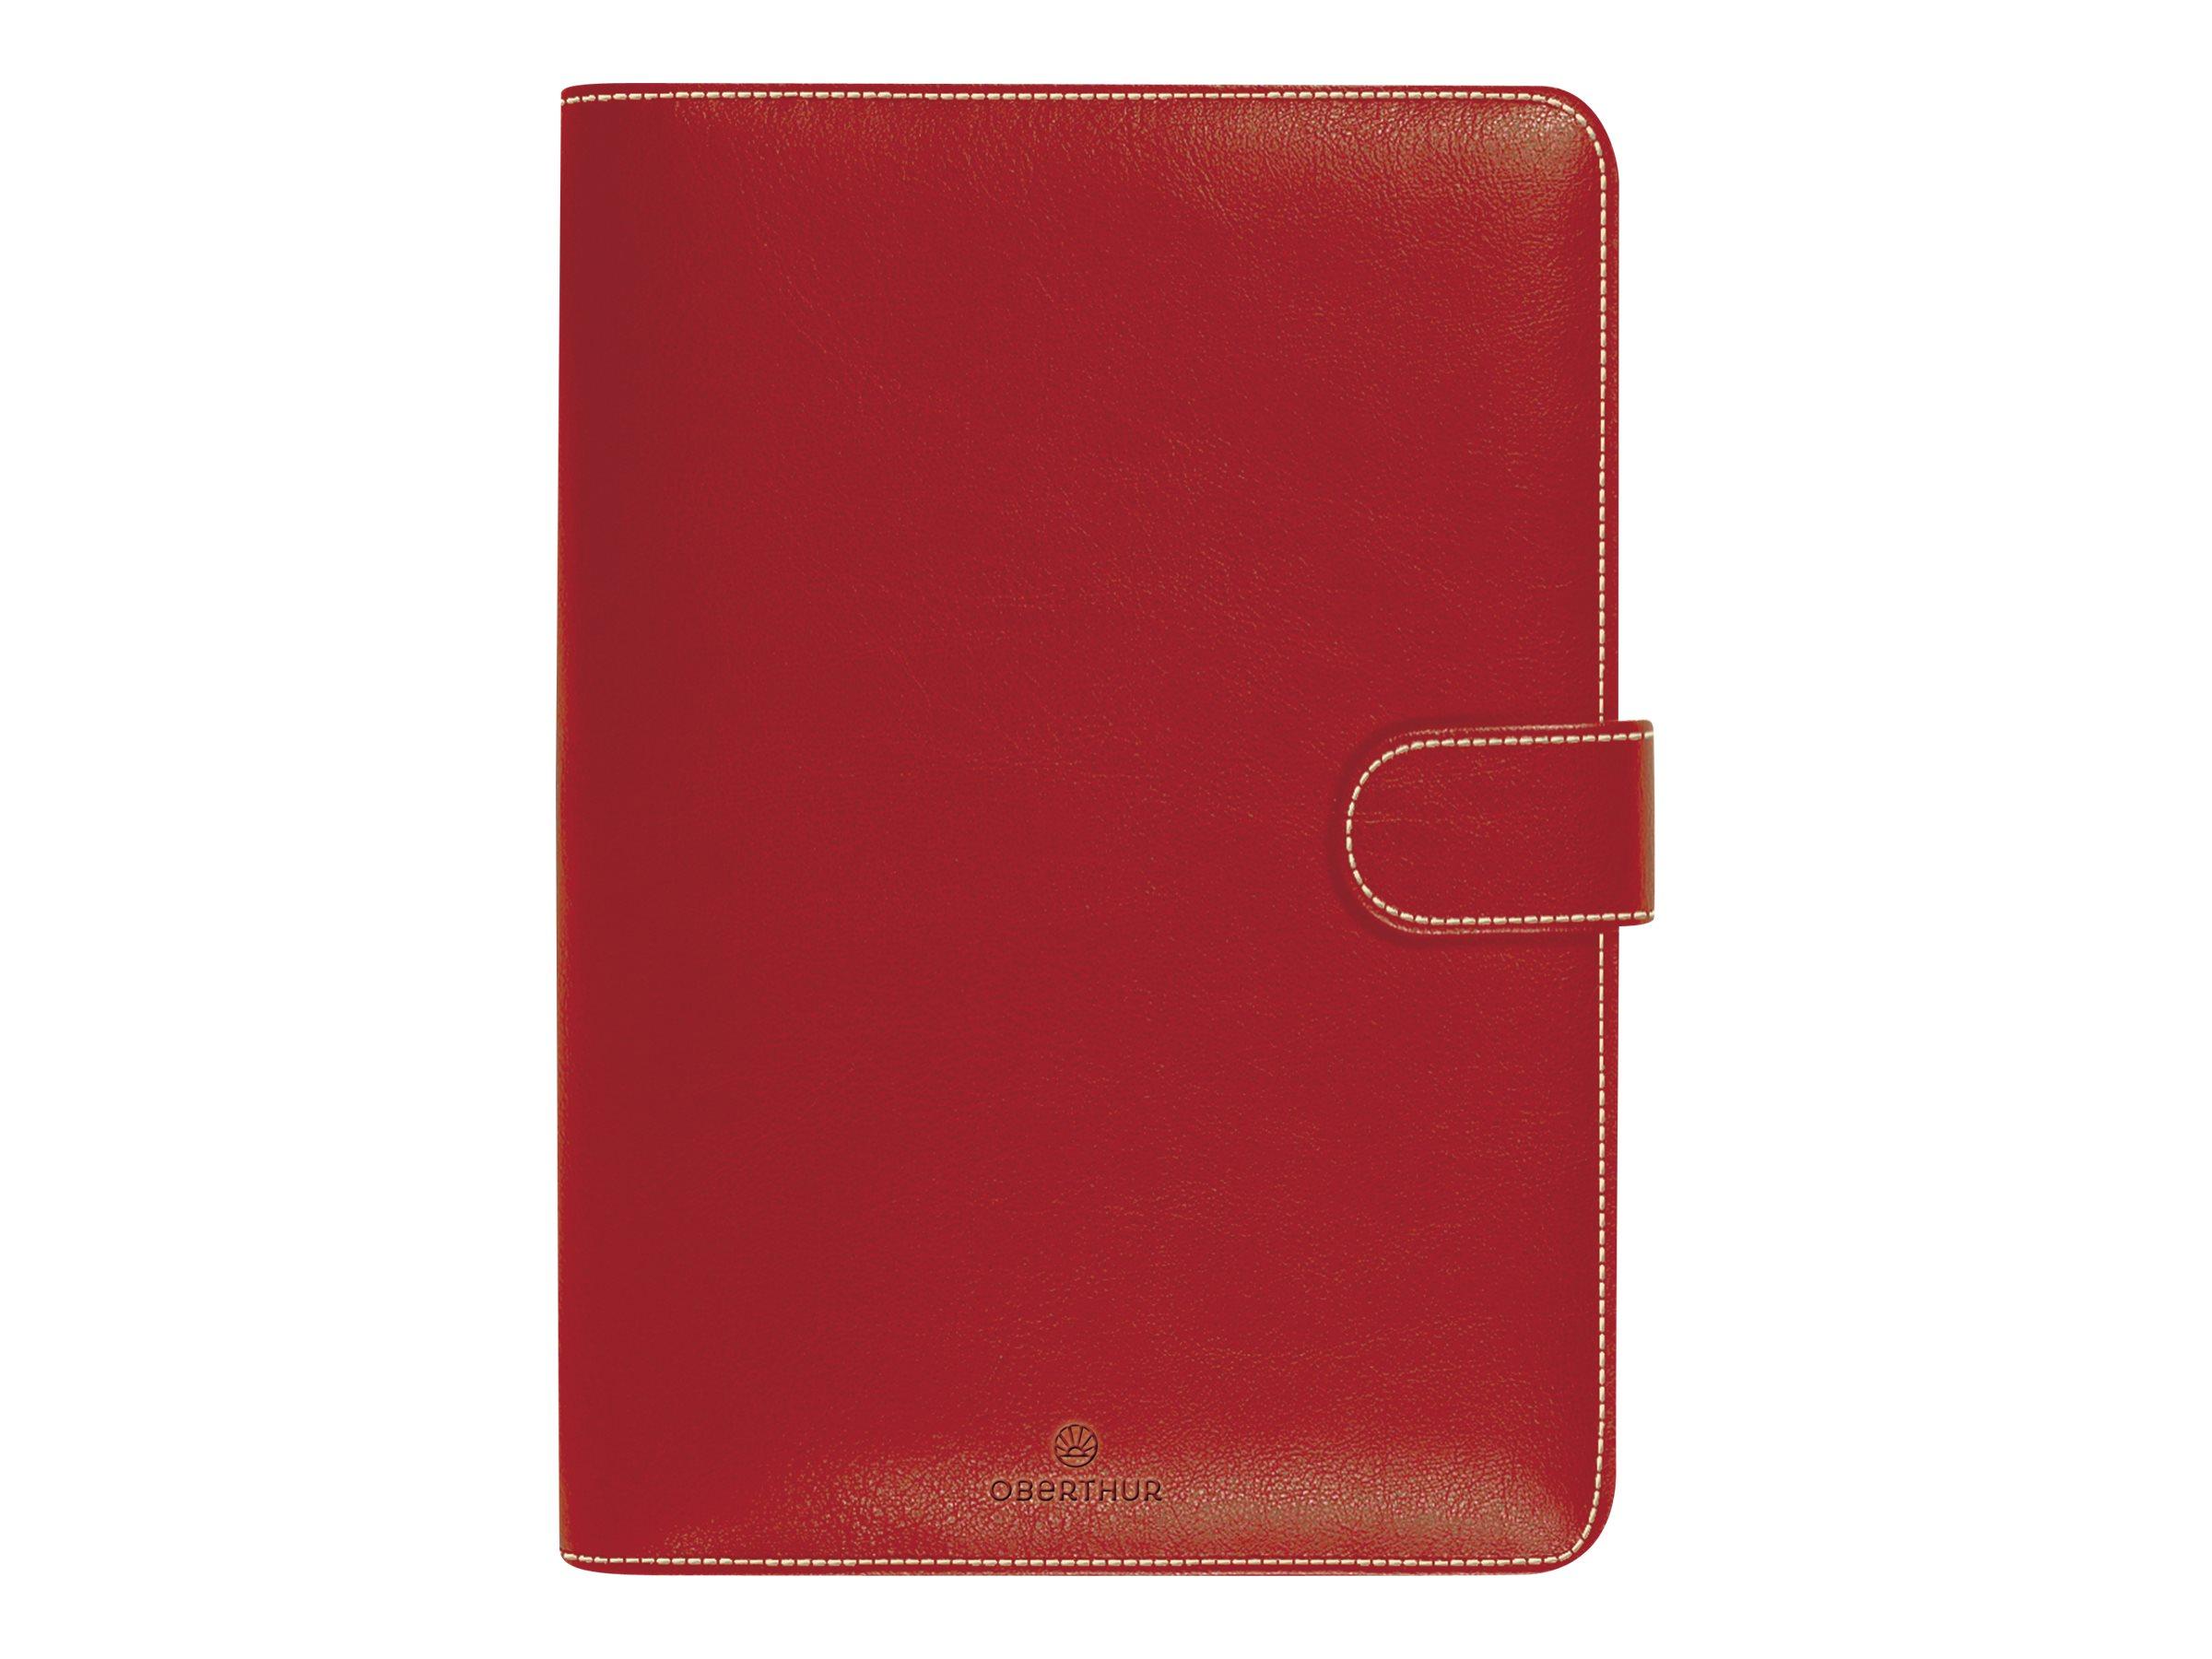 Milano - Organiseur rouge - 14 x 18,5 cm - Oberthur